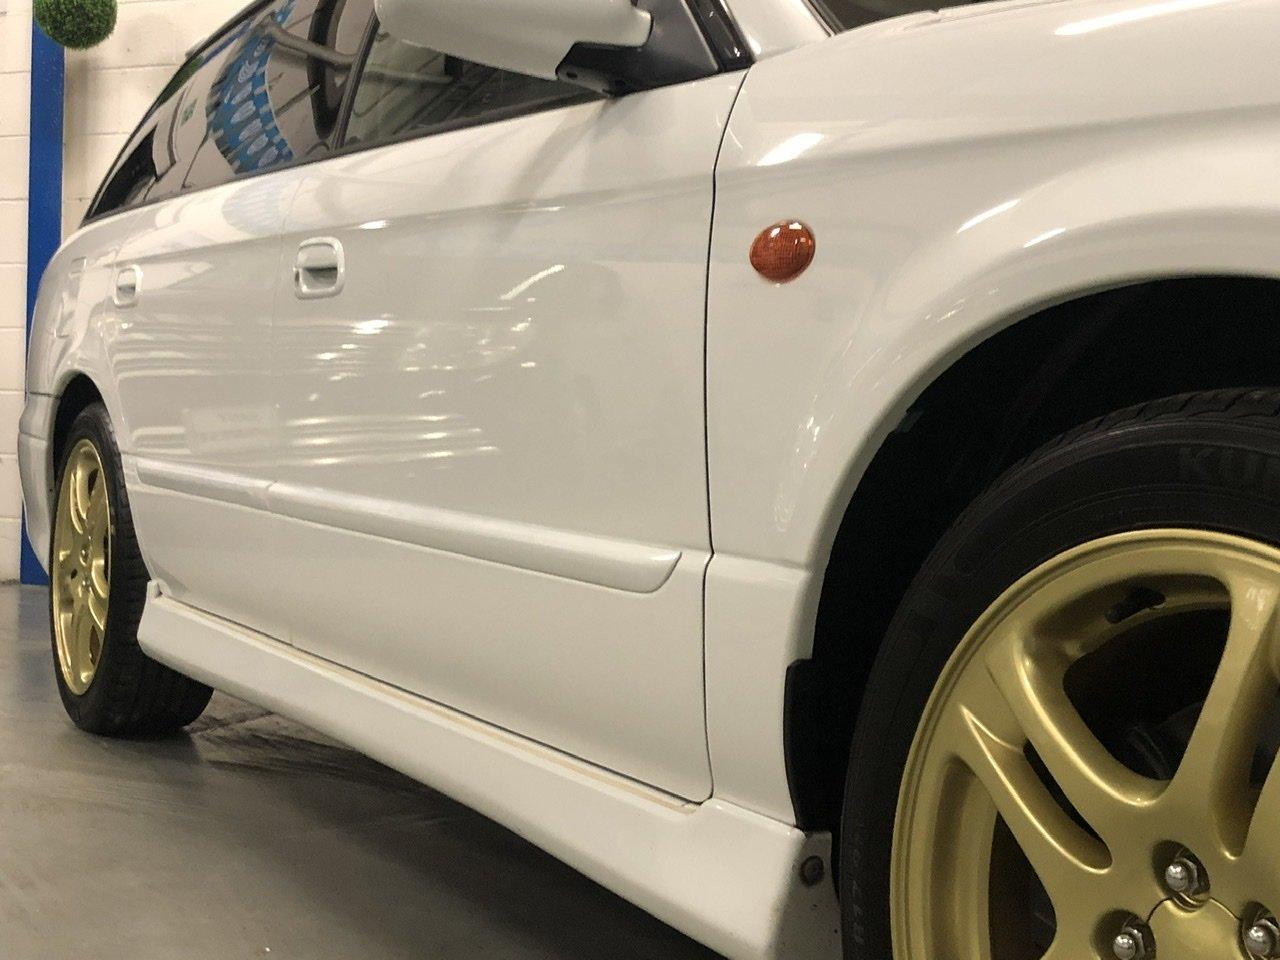 1998 SUBARU LEGACY BH5 TOURING WAGON 2.0 GTB e-TUNE 4WD Auto For Sale (picture 4 of 6)